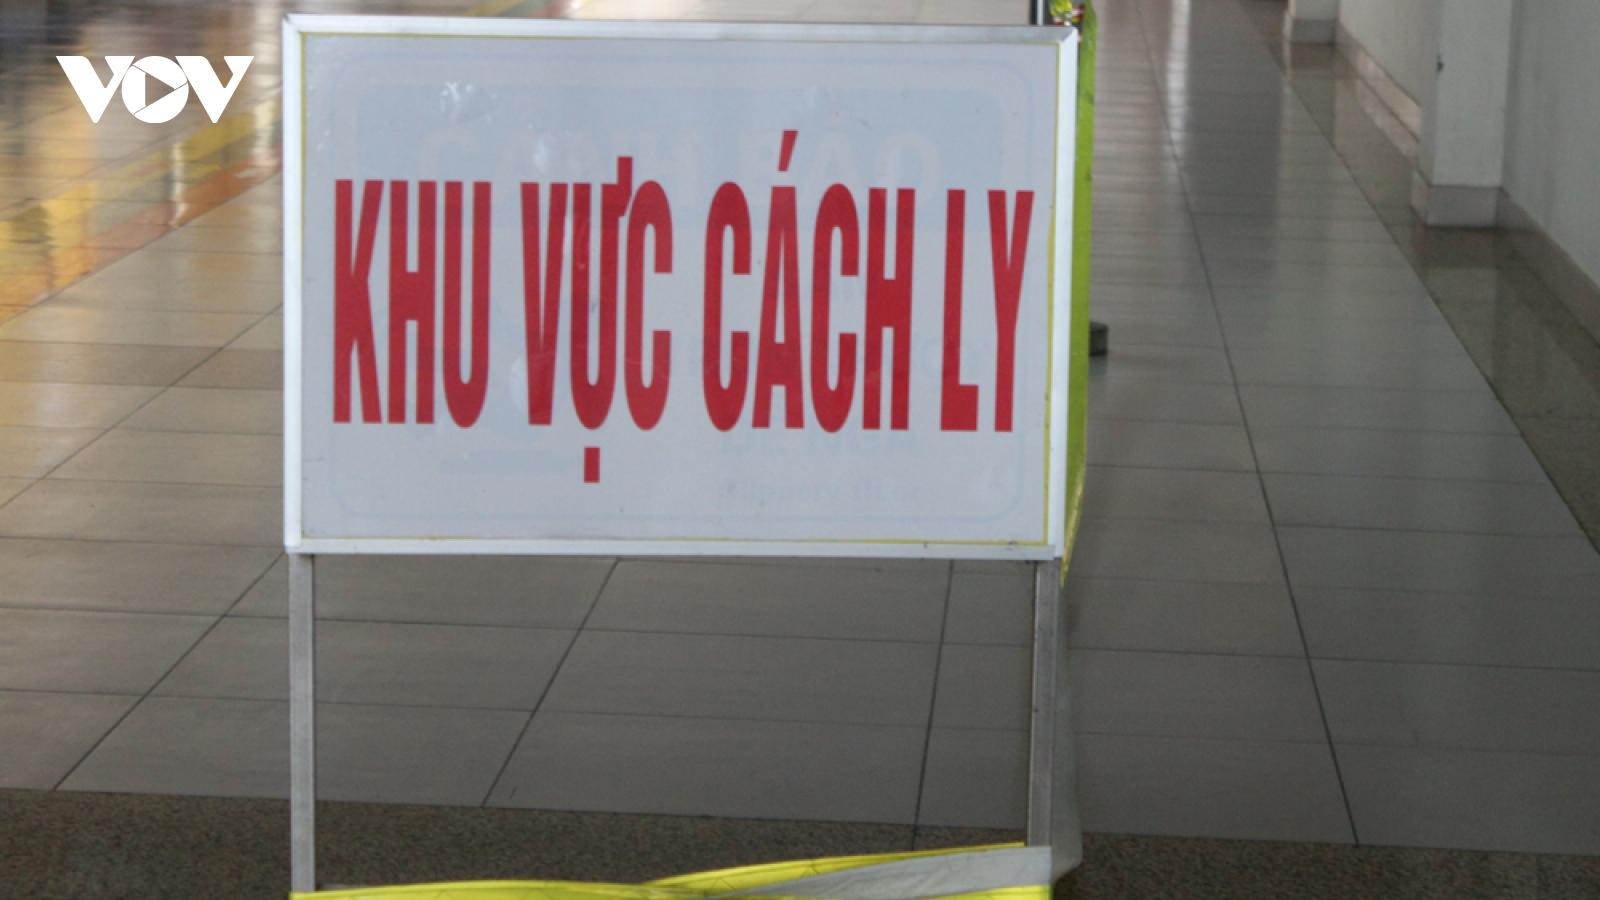 Hà Nội phát hiện một ca nghi mắc COVID-19 ở huyện Thanh Oai